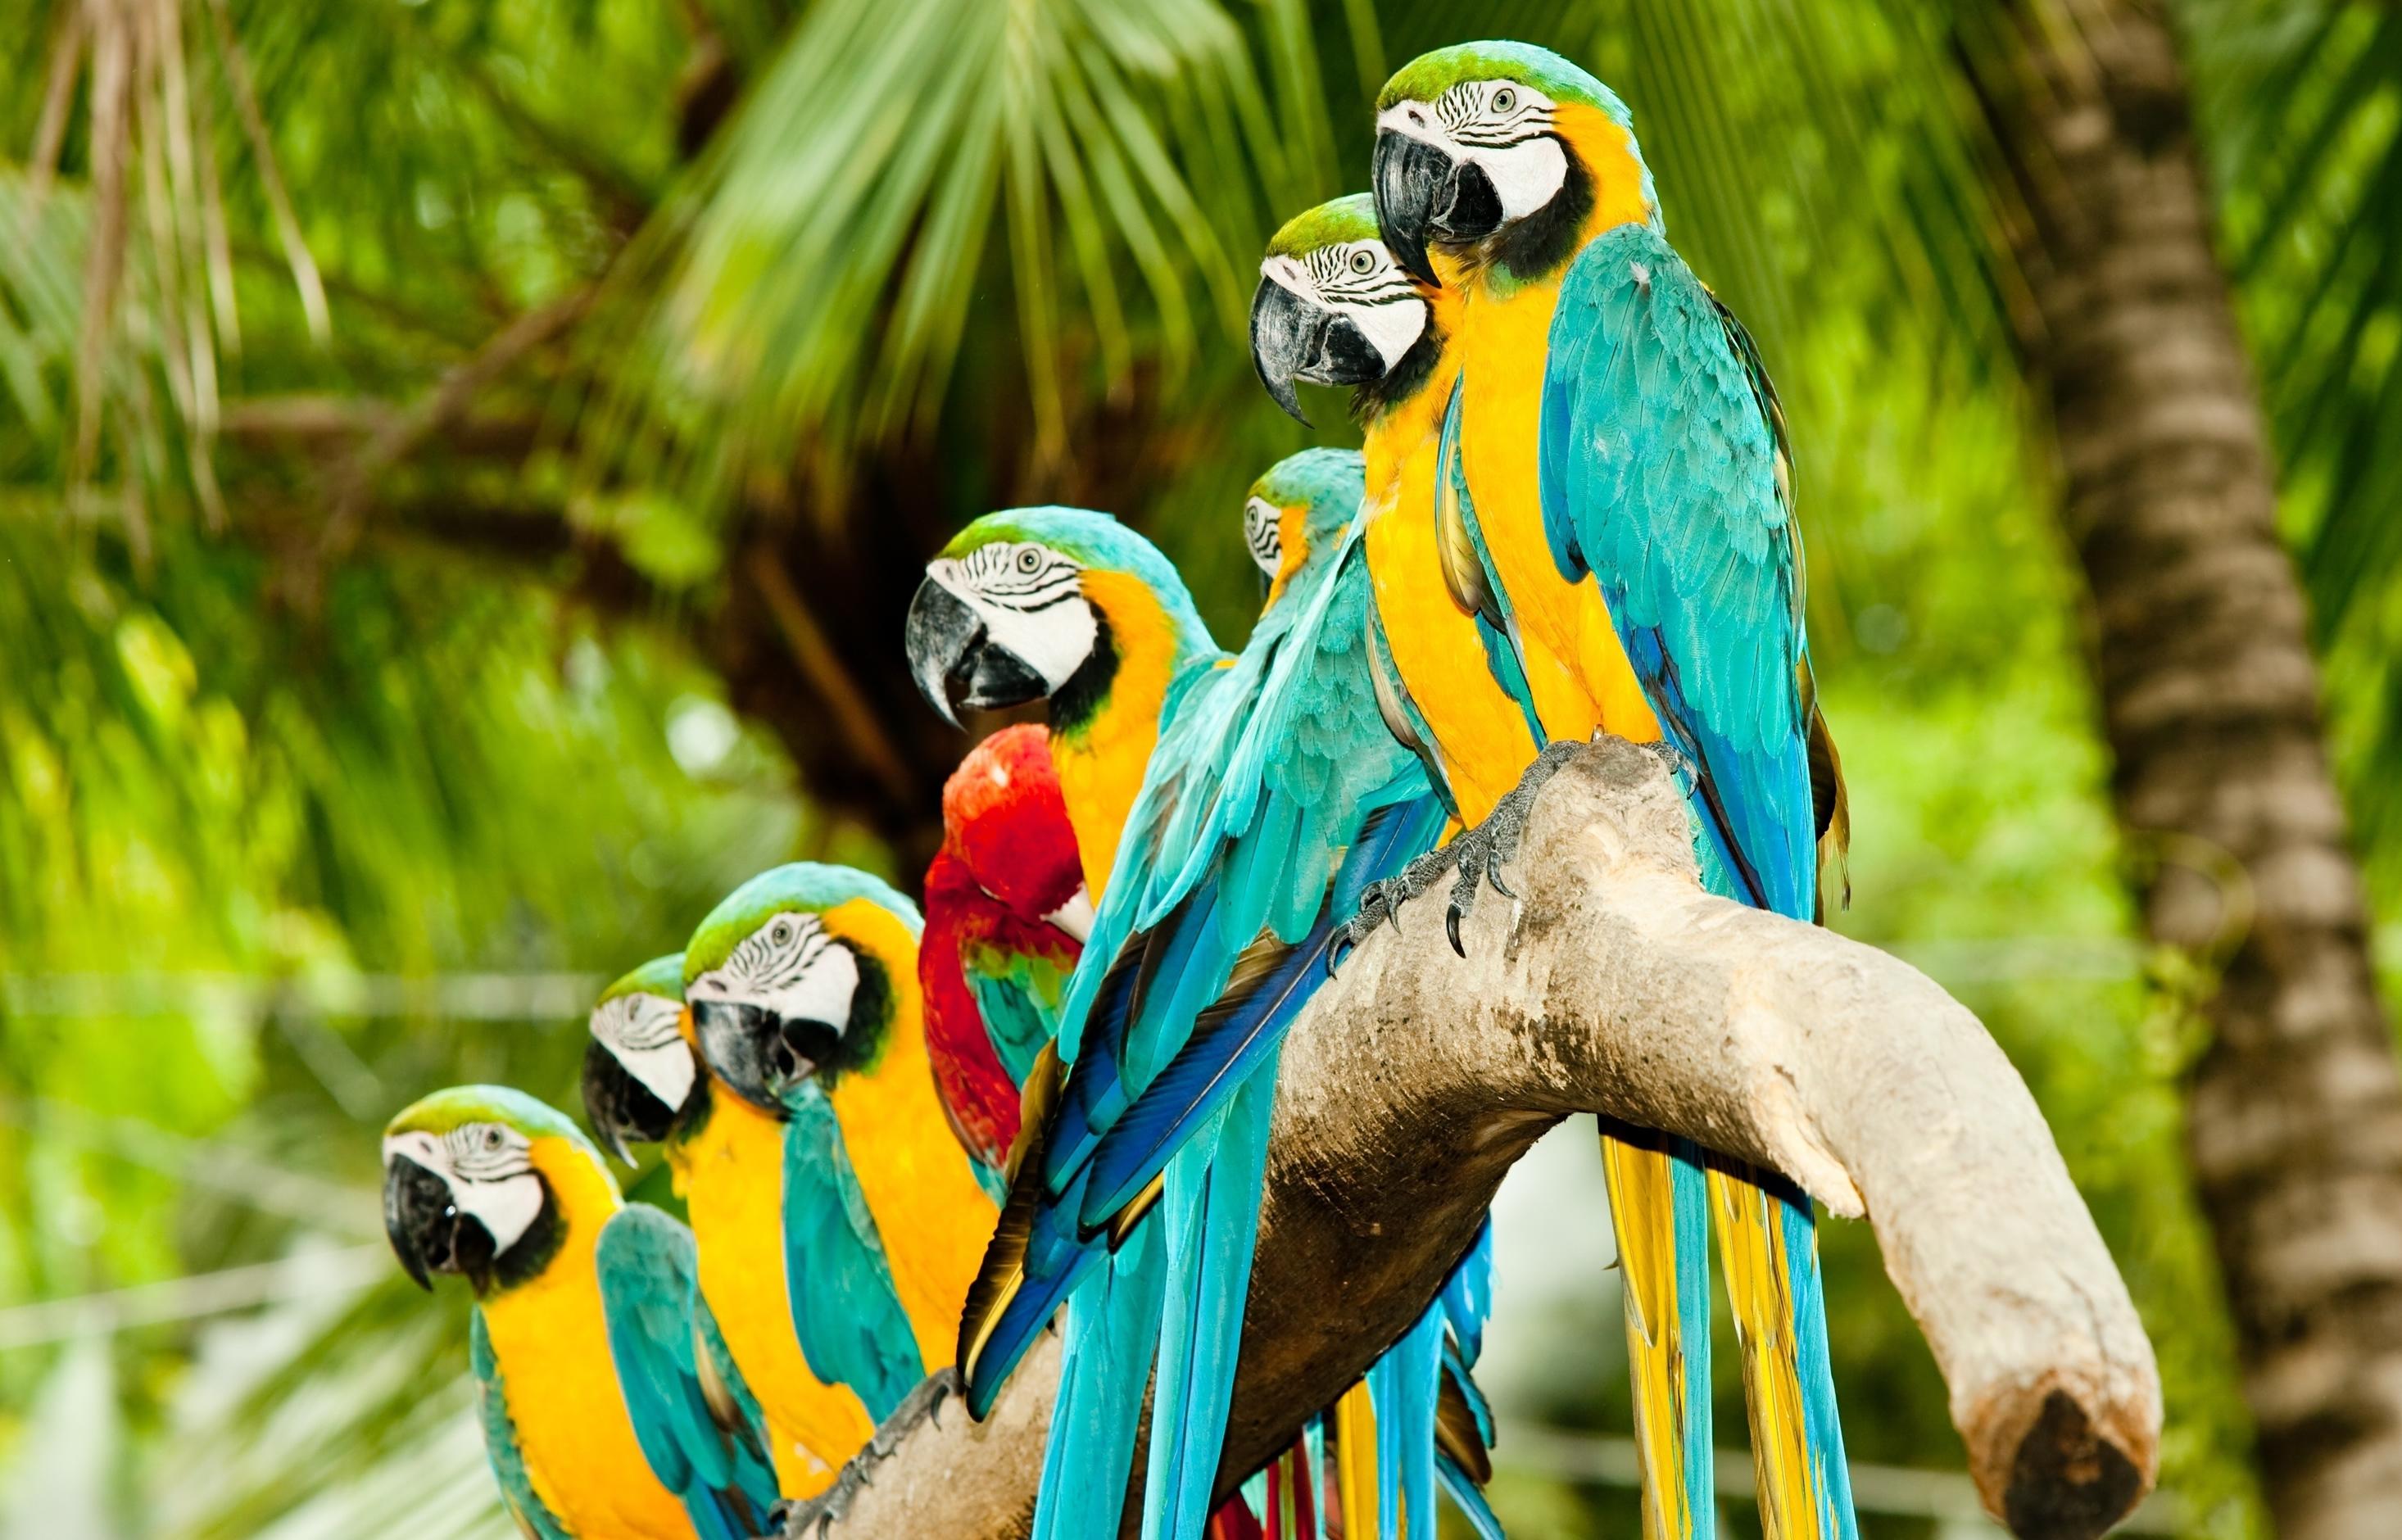 много красивых попугаев сидят вместе, скачать фото, обои для рабочего стола